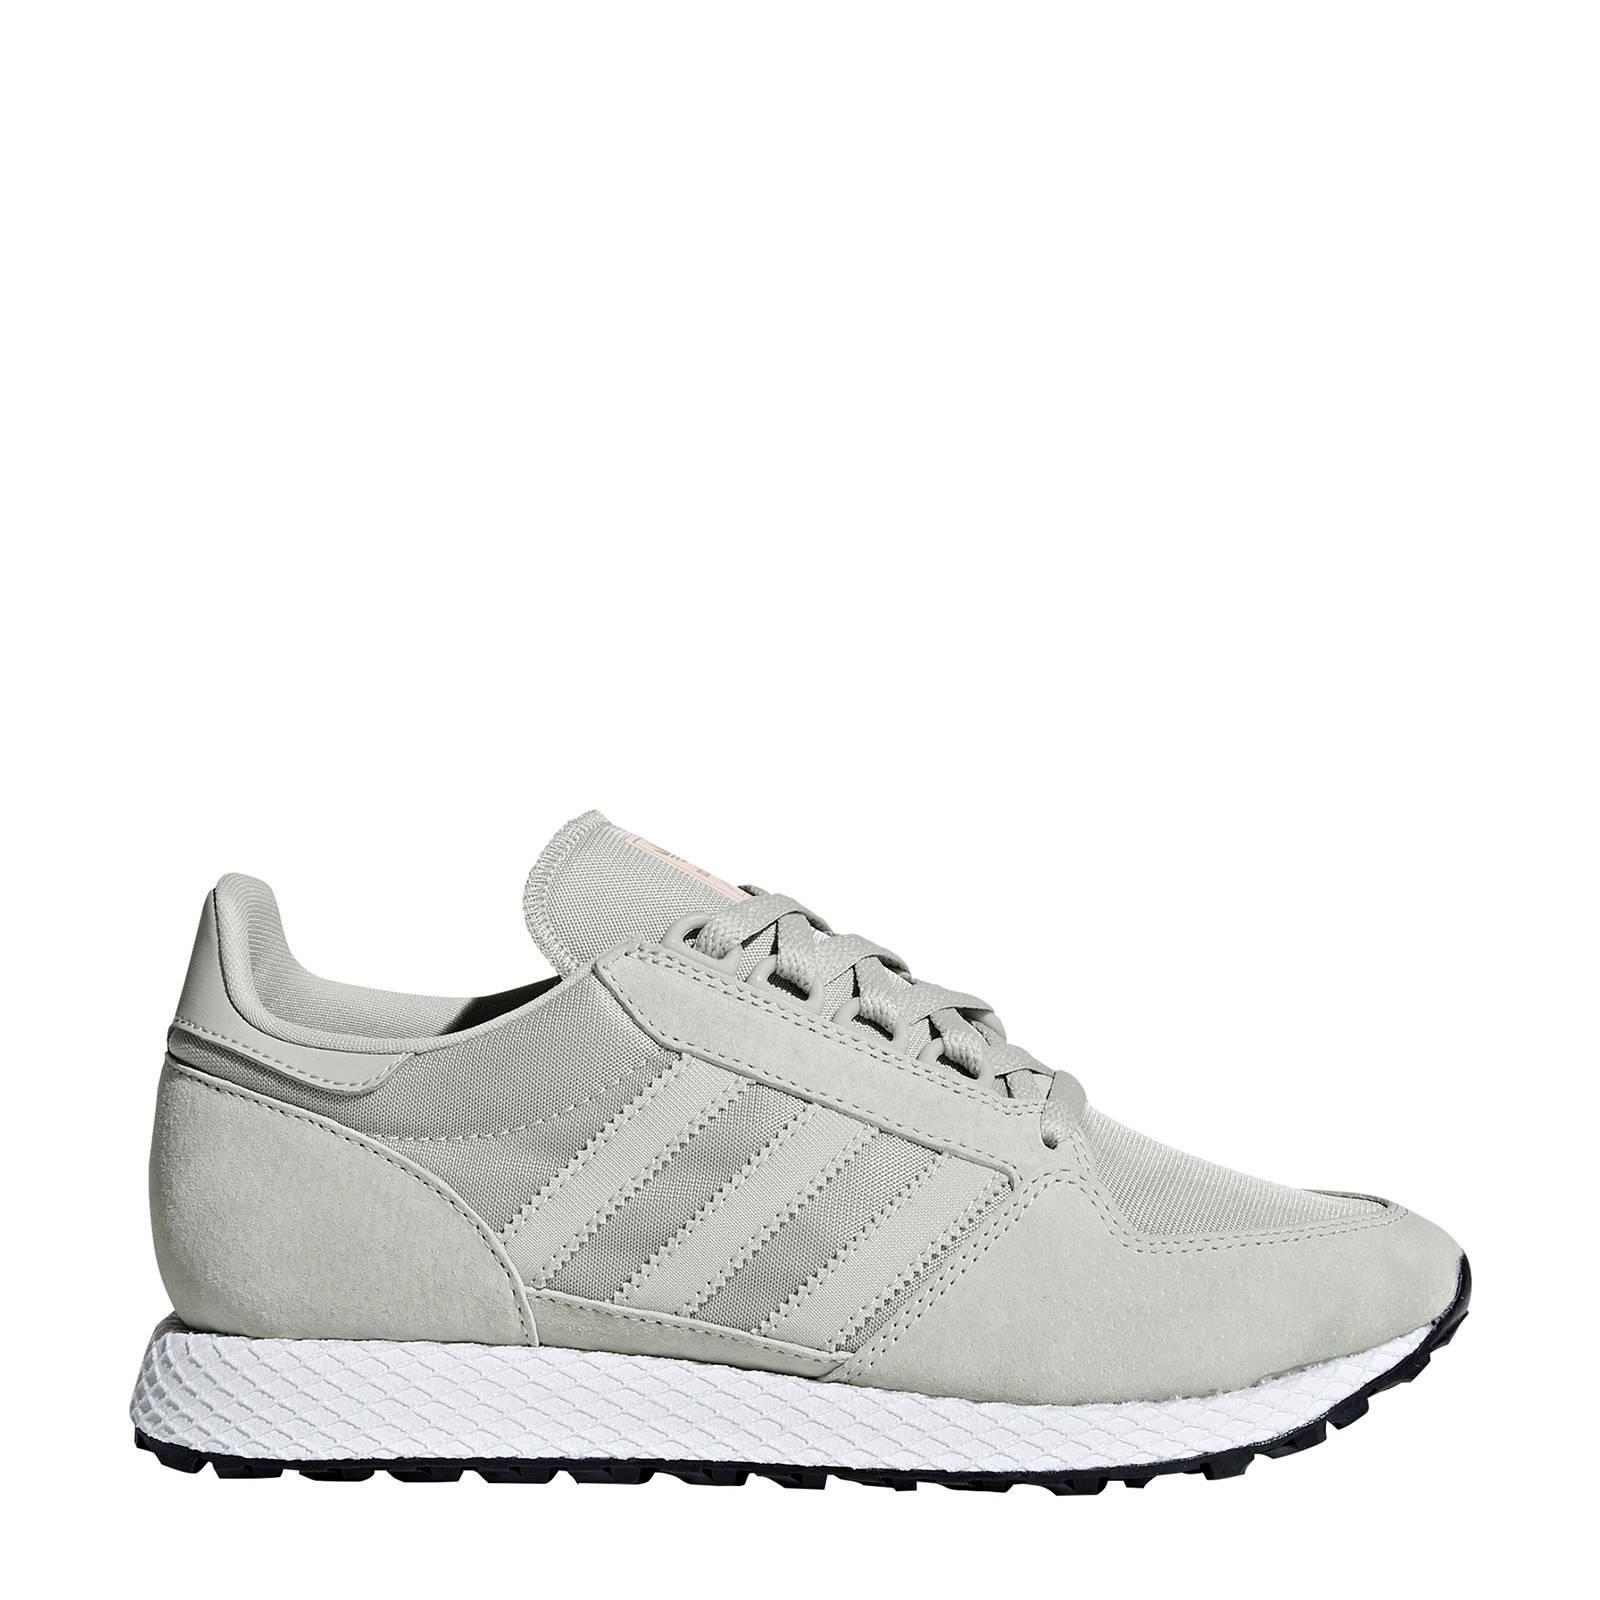 originals Forest Grove sneakers grijs